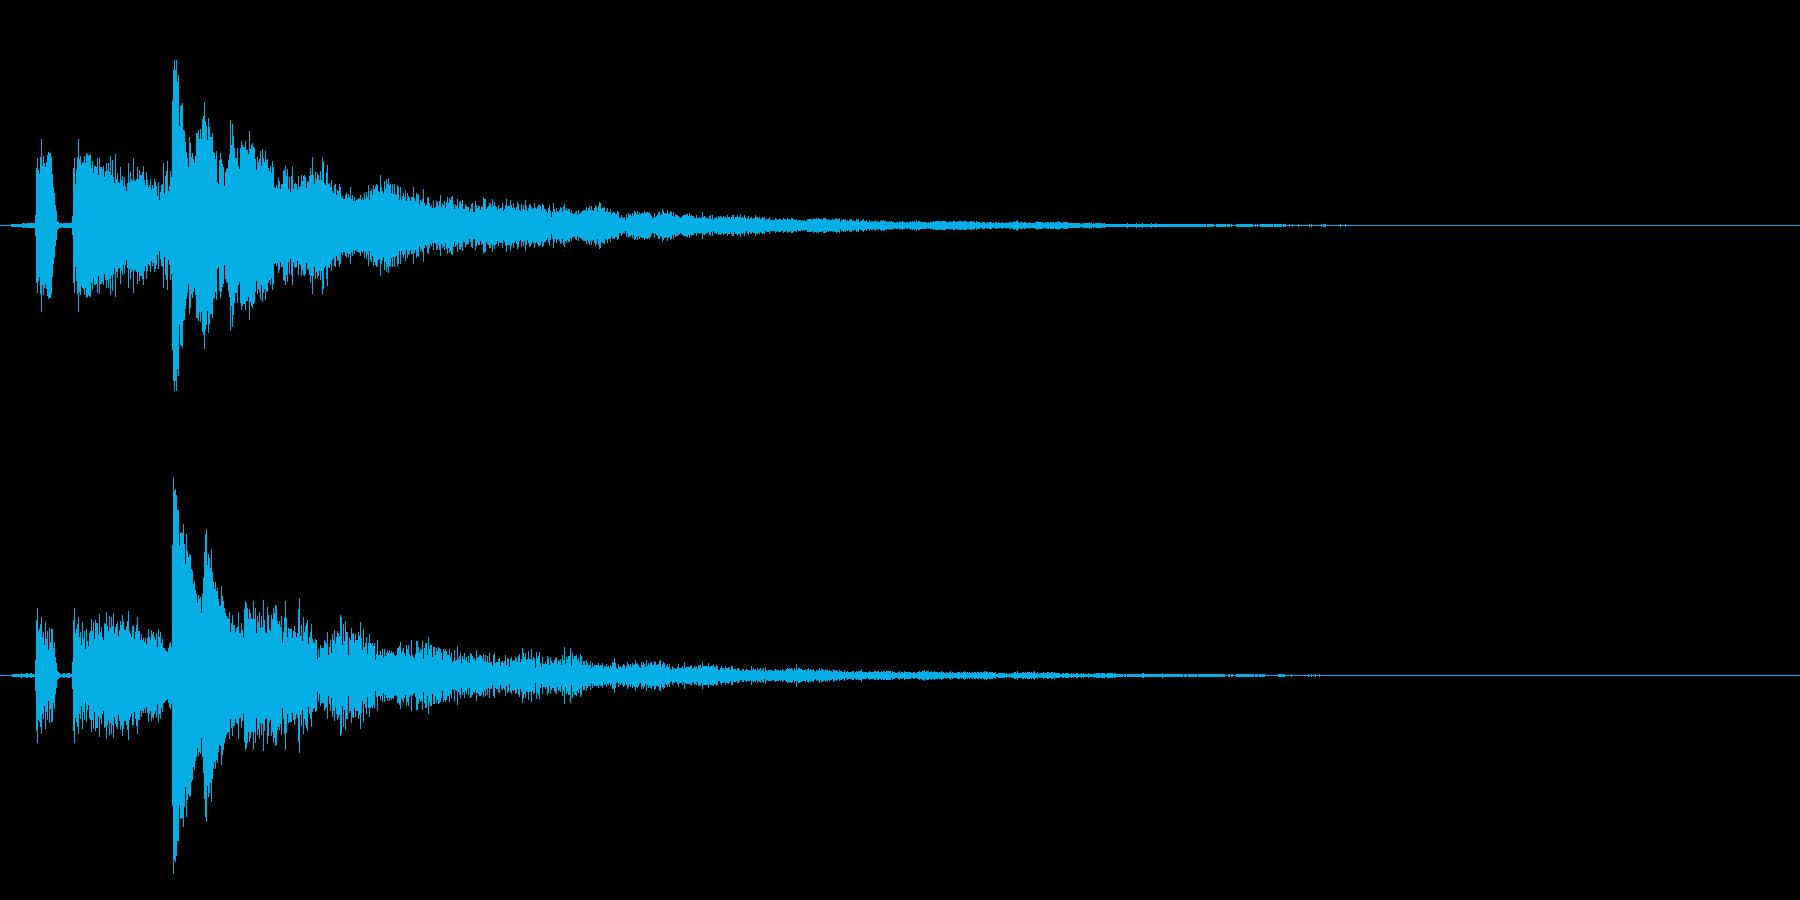 シンプルな決定/ボタン/クリック効果音4の再生済みの波形